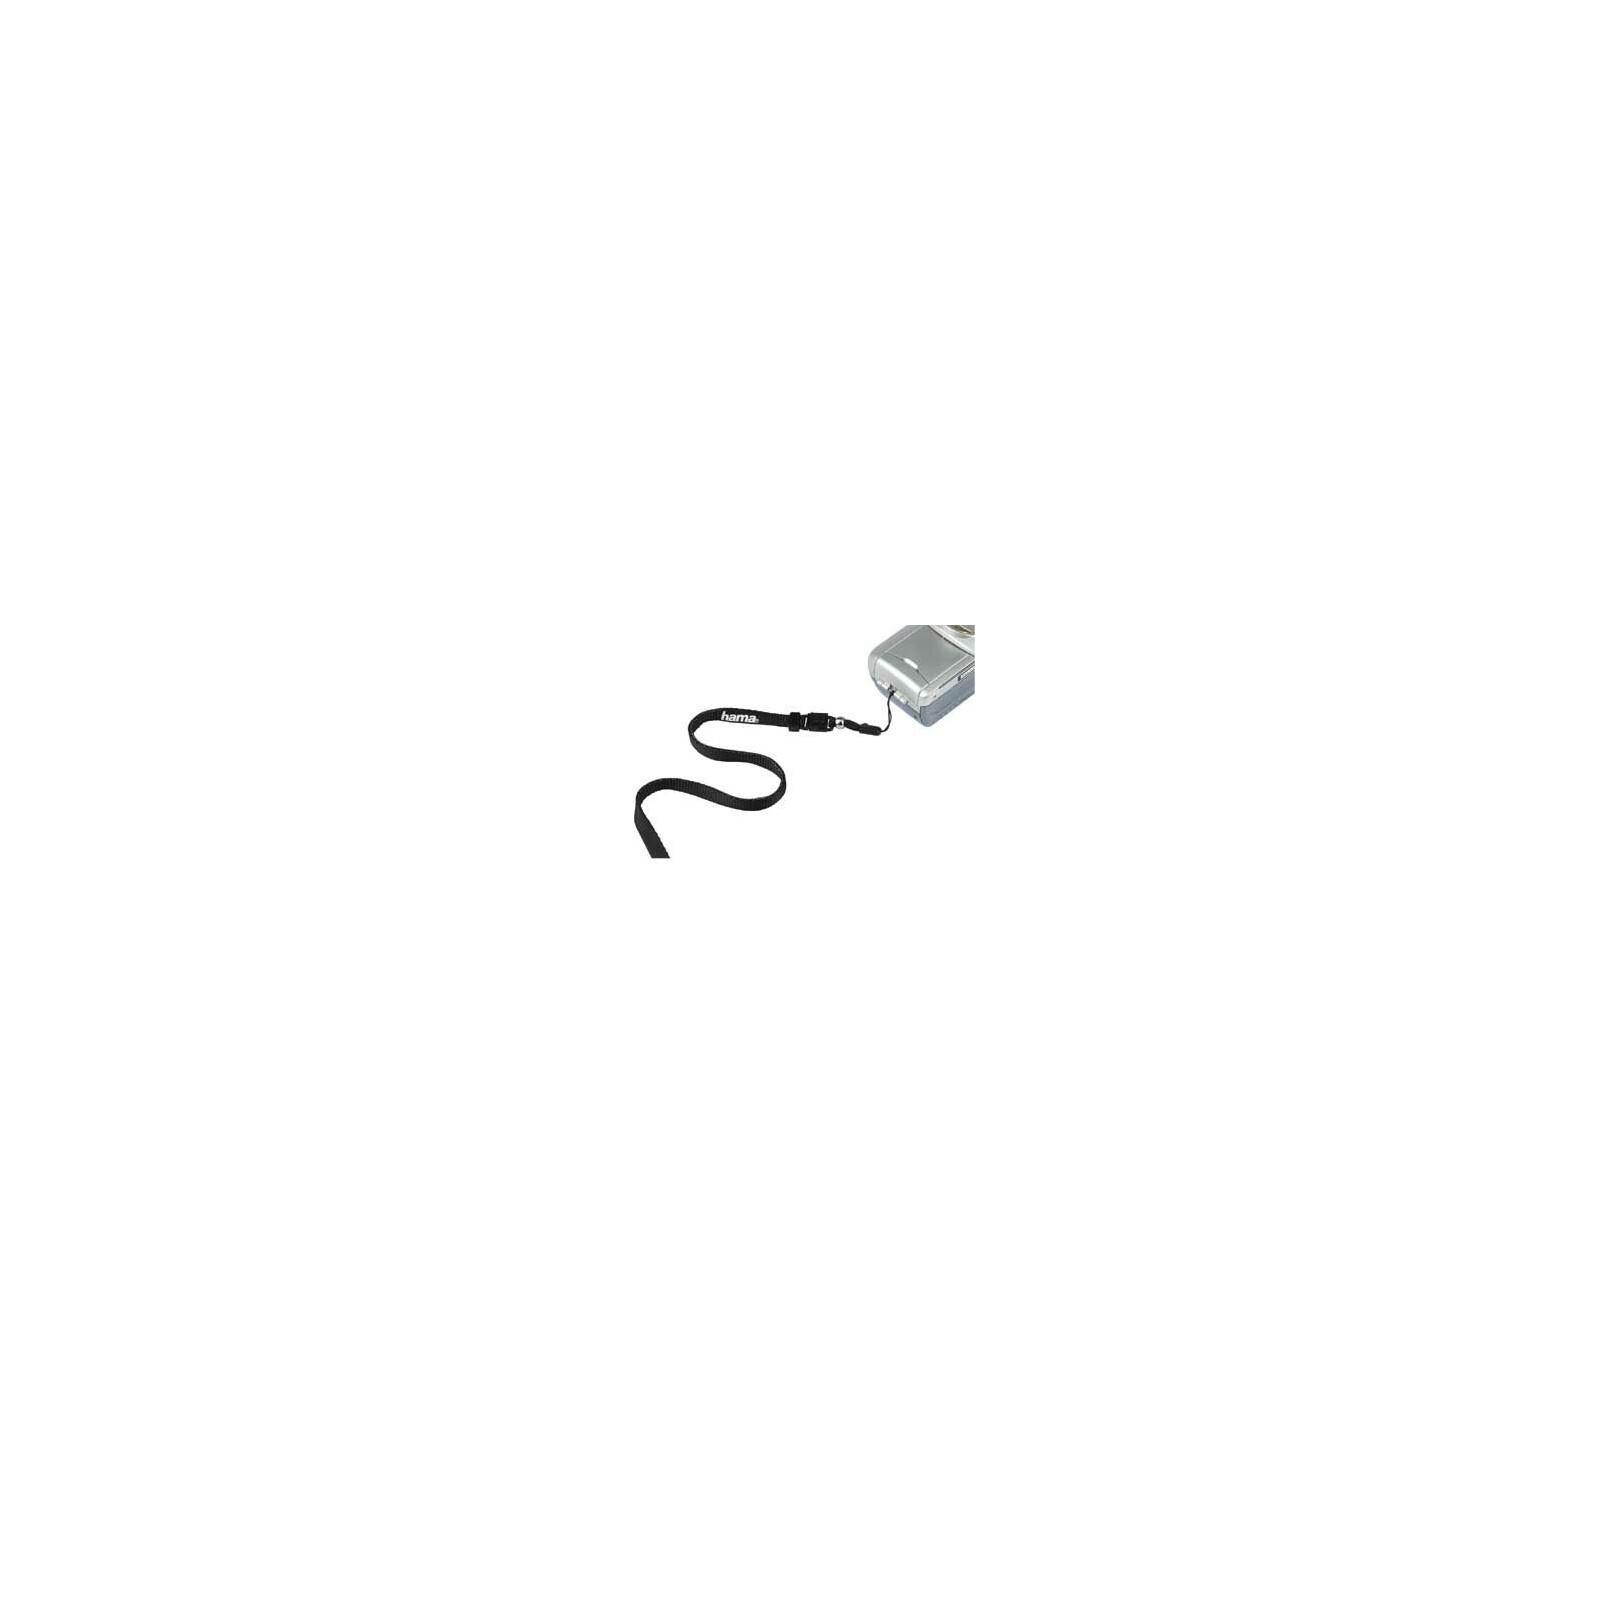 Hama 27823 Trageschlaufe mit Schnellverschluss 45cm Schwarz